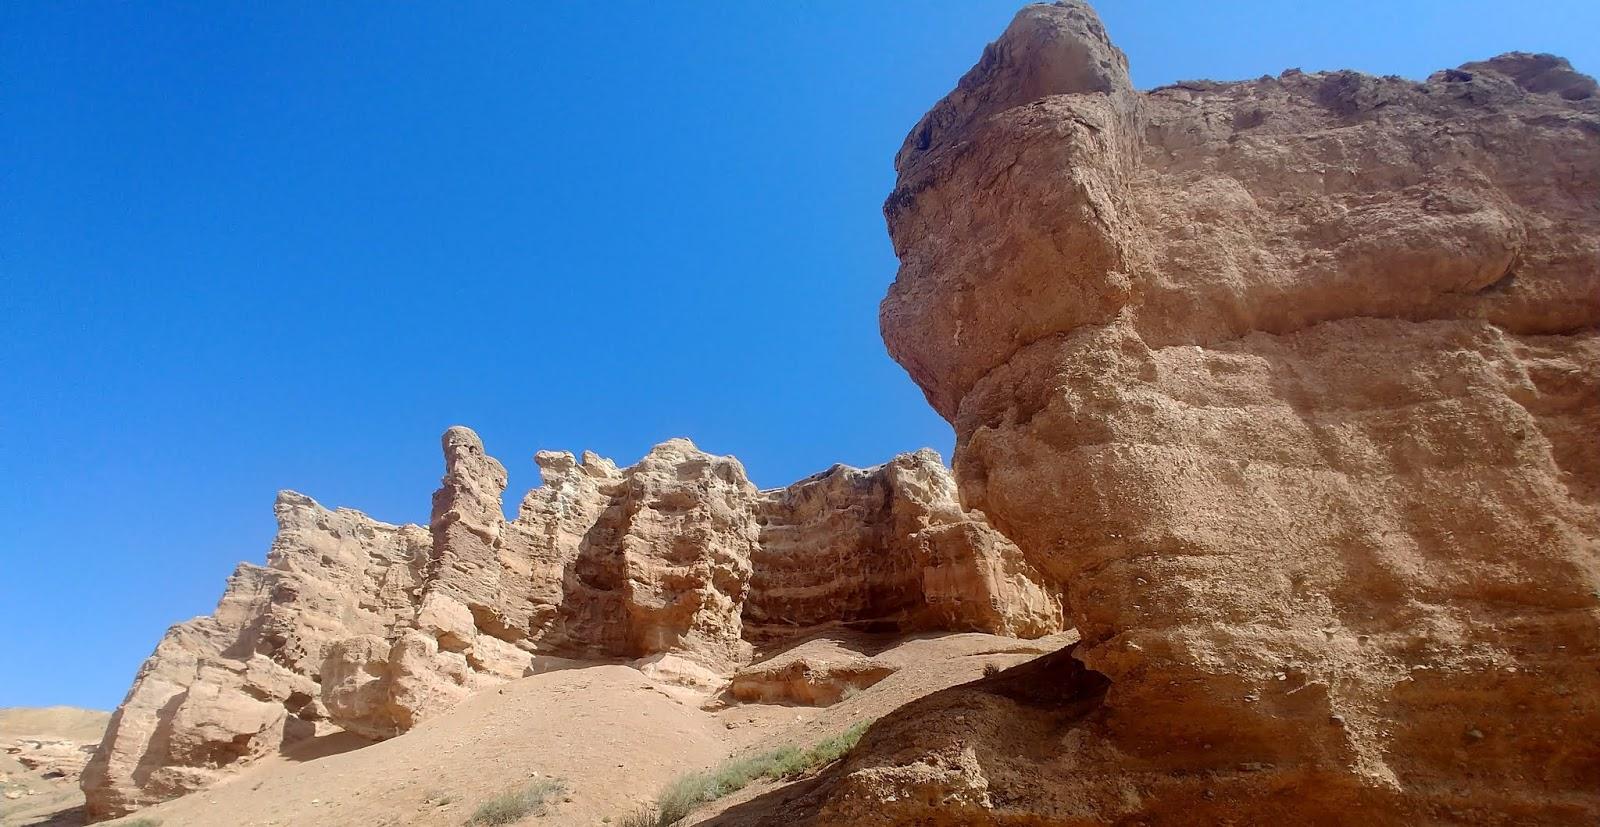 Kaniony Azji Środkowej – Skazka czy Charyn?